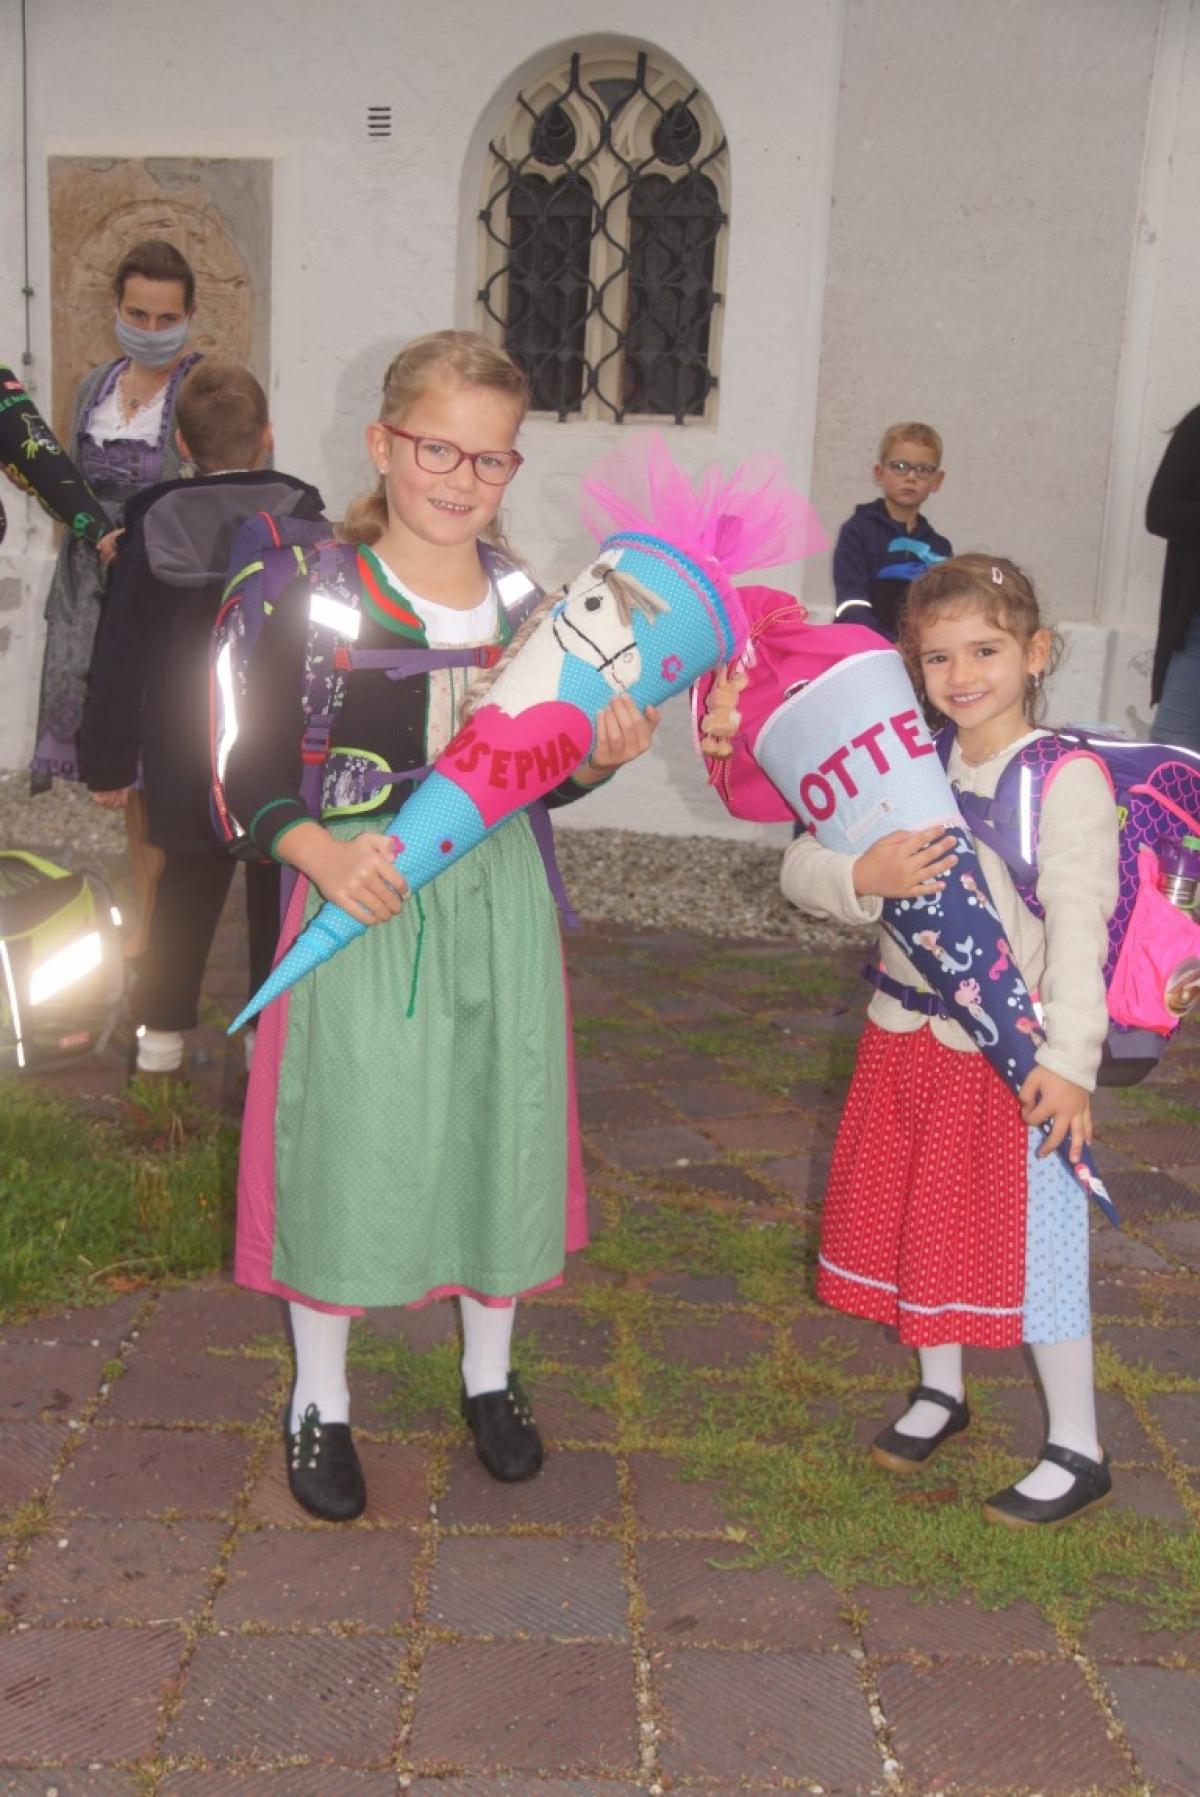 Stolz stellen sich Josepha (links) und Lotte mit ihren großen Schultüten dem Fotografen.